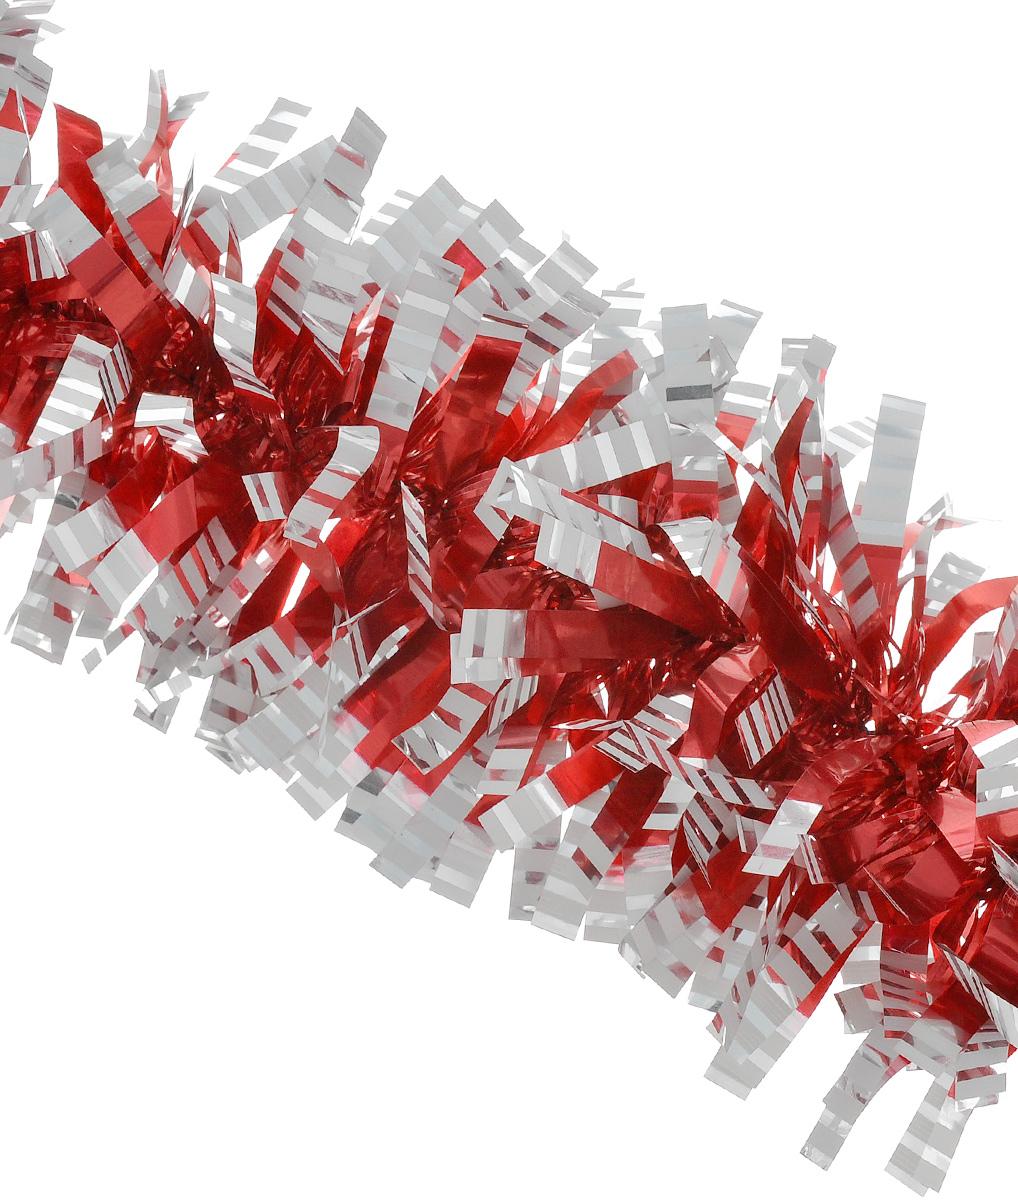 Мишура новогодняя Euro House, цвет: красный, серебристый, диаметр 9 см, длина 200 смЕХ7421_красный, серебристыйНовогодняя мишура Euro House, выполненная из полиэстера, поможет вам украсить свой дом к предстоящим праздникам. Новогодняя елка с таким украшением станет еще наряднее. Мишура армирована, то есть имеет проволоку внутри и способна сохранять придаваемую ей форму. Новогодней мишурой можно украсить все, что угодно - елку, квартиру, дачу, офис - как внутри, так и снаружи. Можно сложить новогодние поздравления, буквы и цифры, мишурой можно украсить и дополнить гирлянды, можно выделить дверные колонны, оплести дверные проемы.